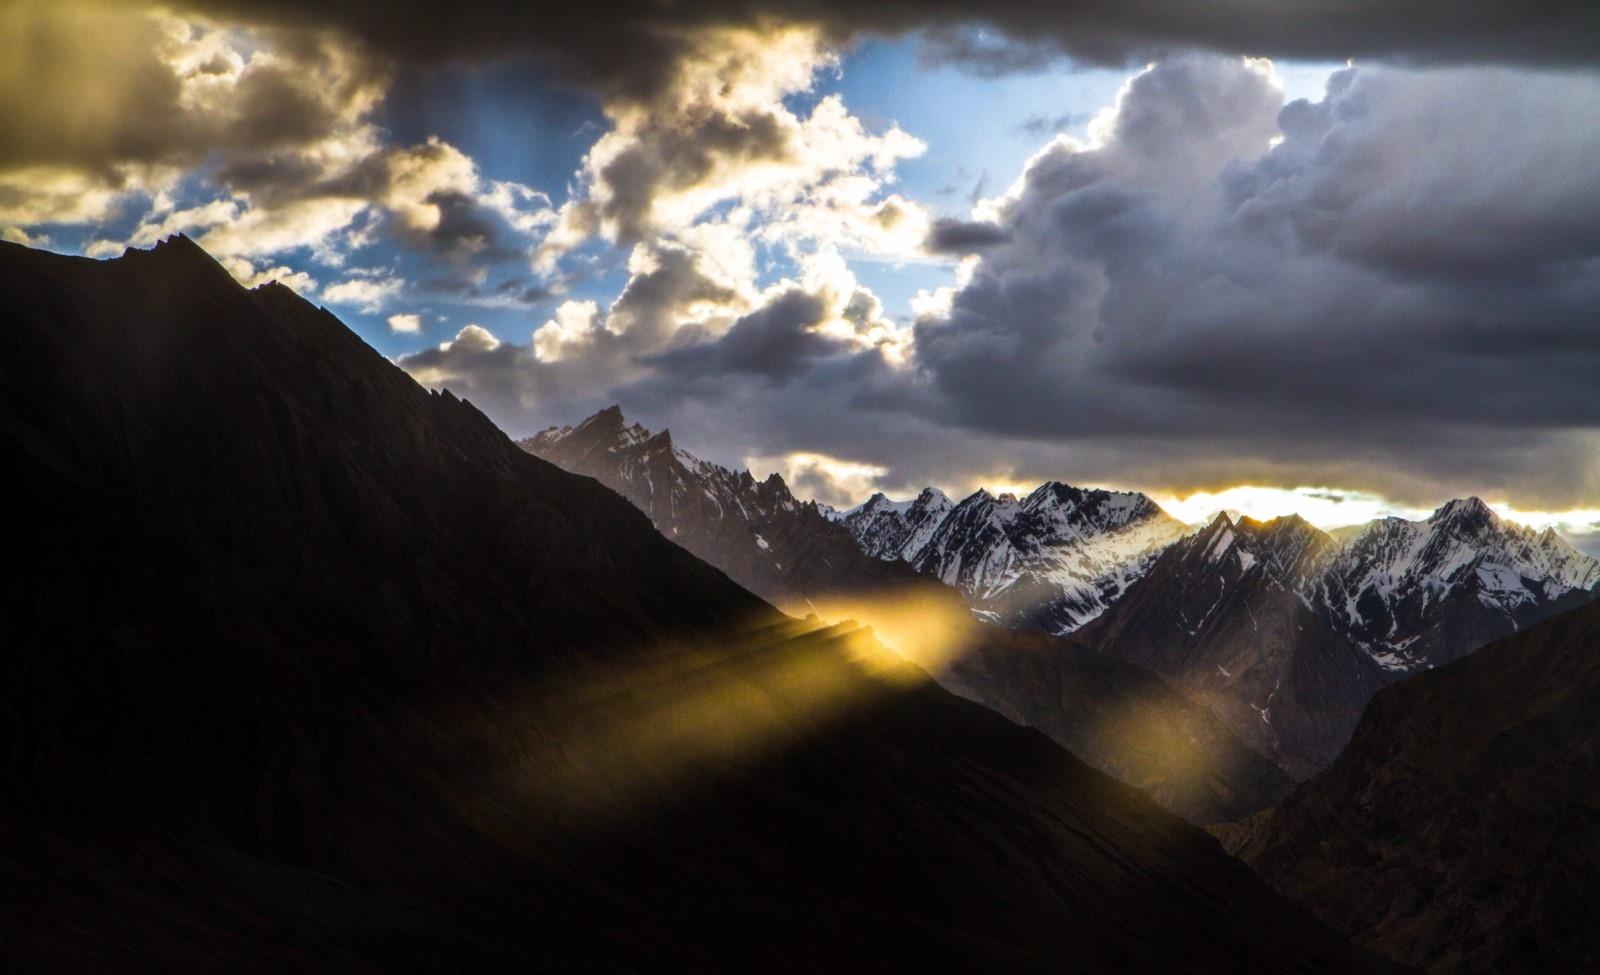 Mountain Fire by Dhruva Suresh